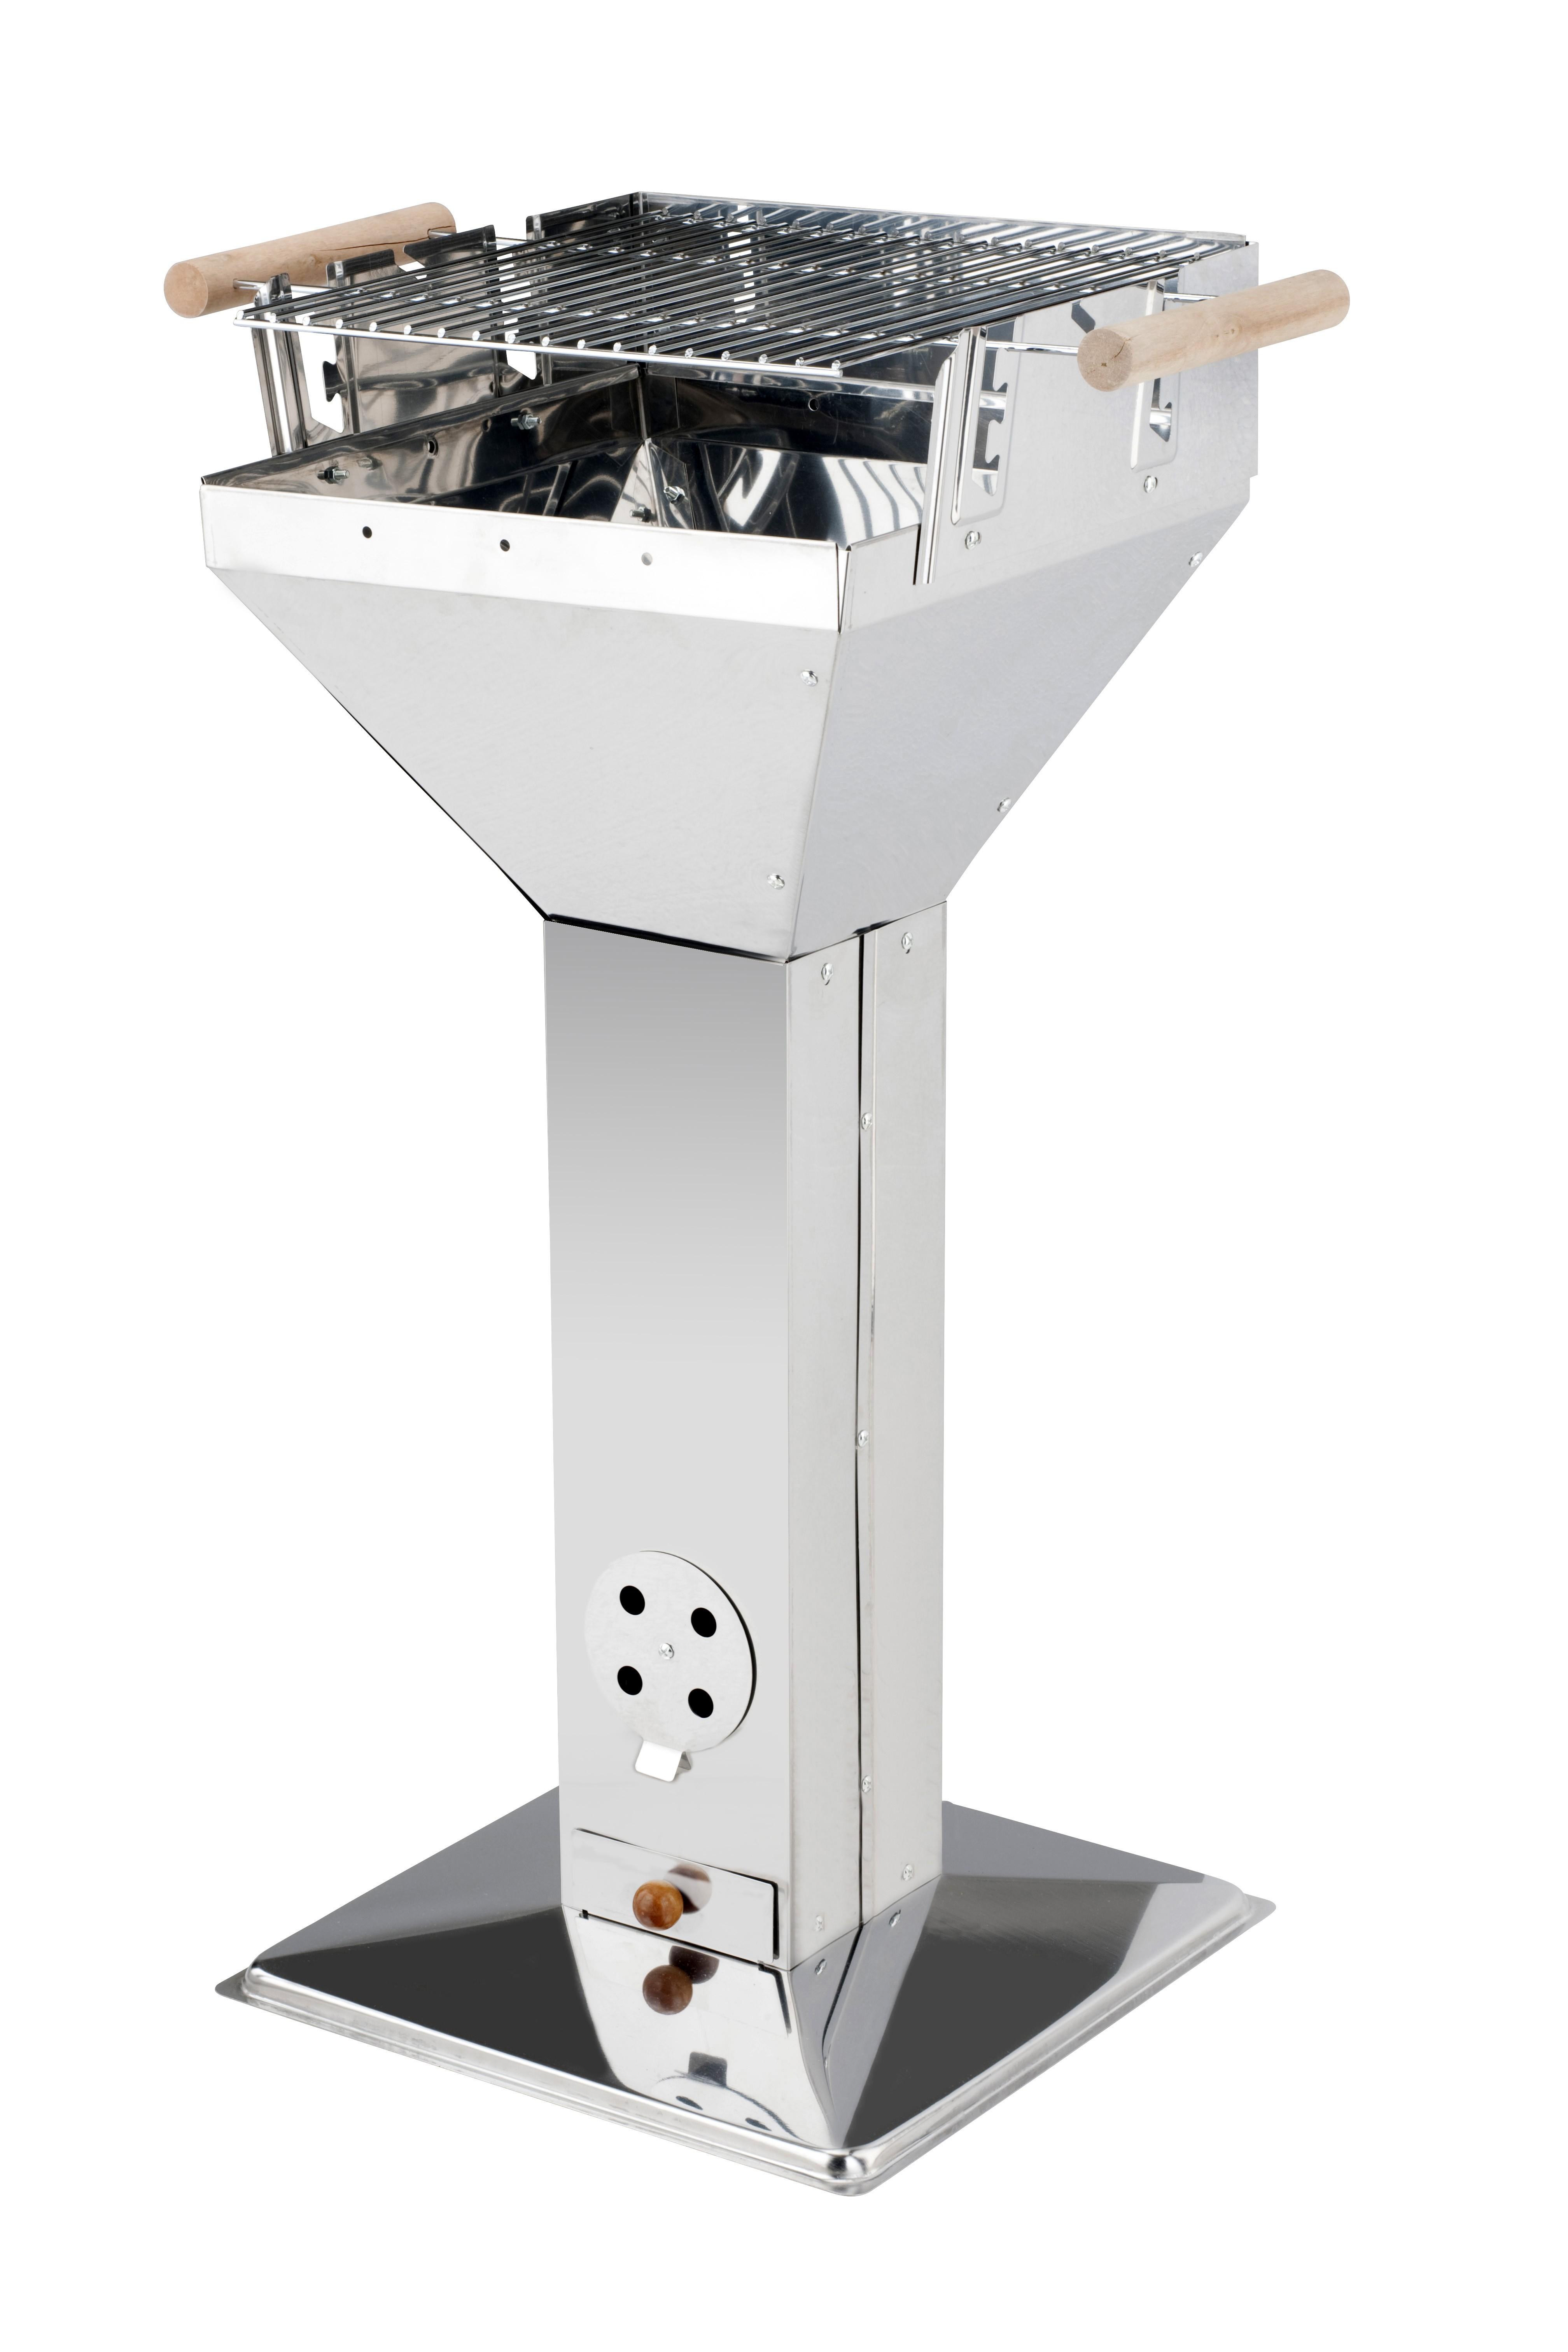 Edelstahl-Trichtergrill SAALFELD 36x36 cm Grillfläche 36x36